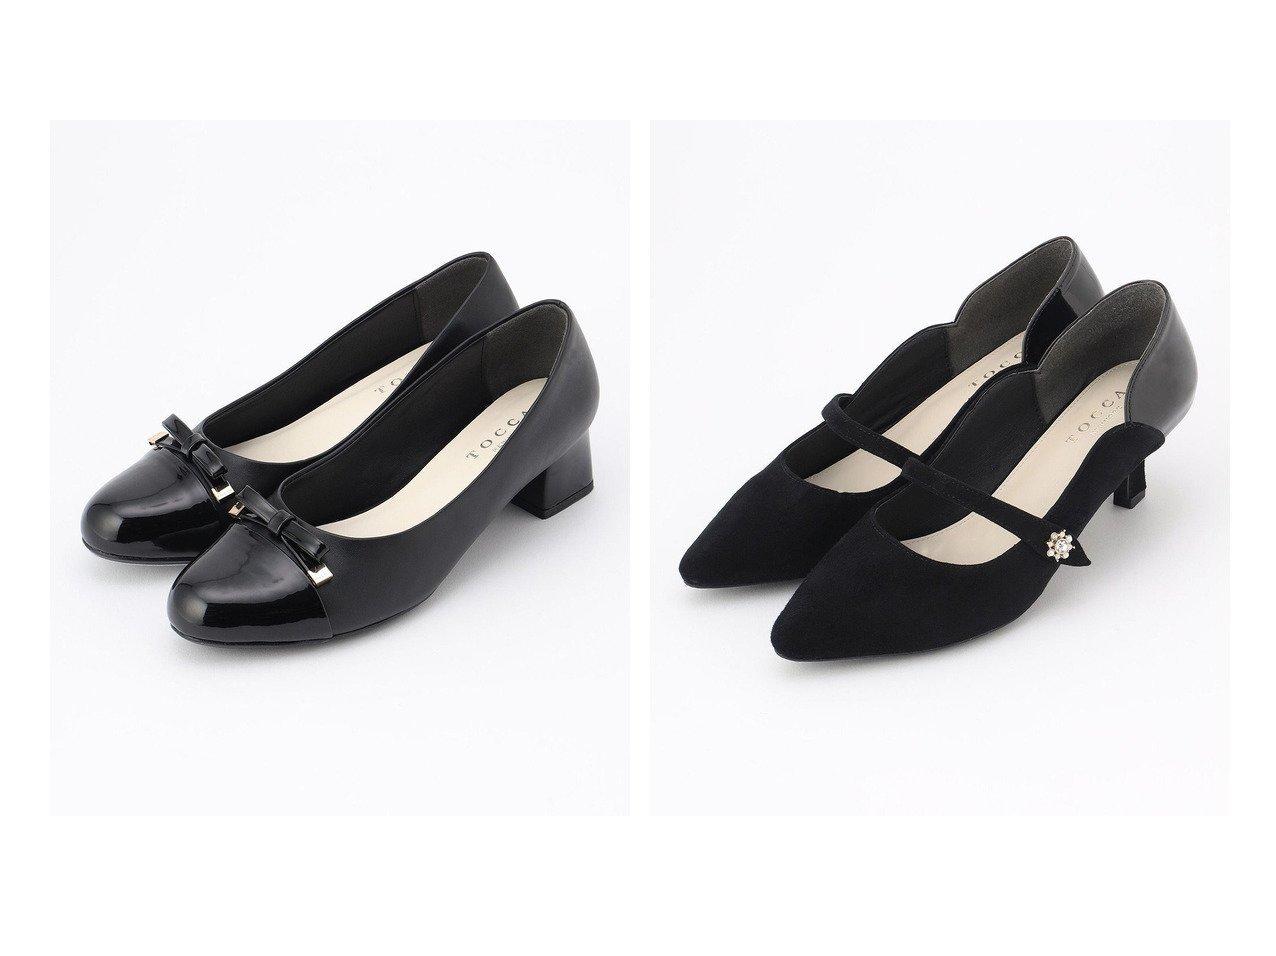 【TOCCA/トッカ】のTINY RIBBON RAIN PUMPS レインパンプス&BIJOUX STRAP PUMPS パンプス 【シューズ・靴】おすすめ!人気、トレンド・レディースファッションの通販 おすすめで人気の流行・トレンド、ファッションの通販商品 インテリア・家具・メンズファッション・キッズファッション・レディースファッション・服の通販 founy(ファニー) https://founy.com/ ファッション Fashion レディースファッション WOMEN エナメル クッション シューズ メタル ライナー リボン 冬 Winter 送料無料 Free Shipping エレガント カッティング パール ビジュー フェミニン フォルム フレンチ ラップ |ID:crp329100000051257